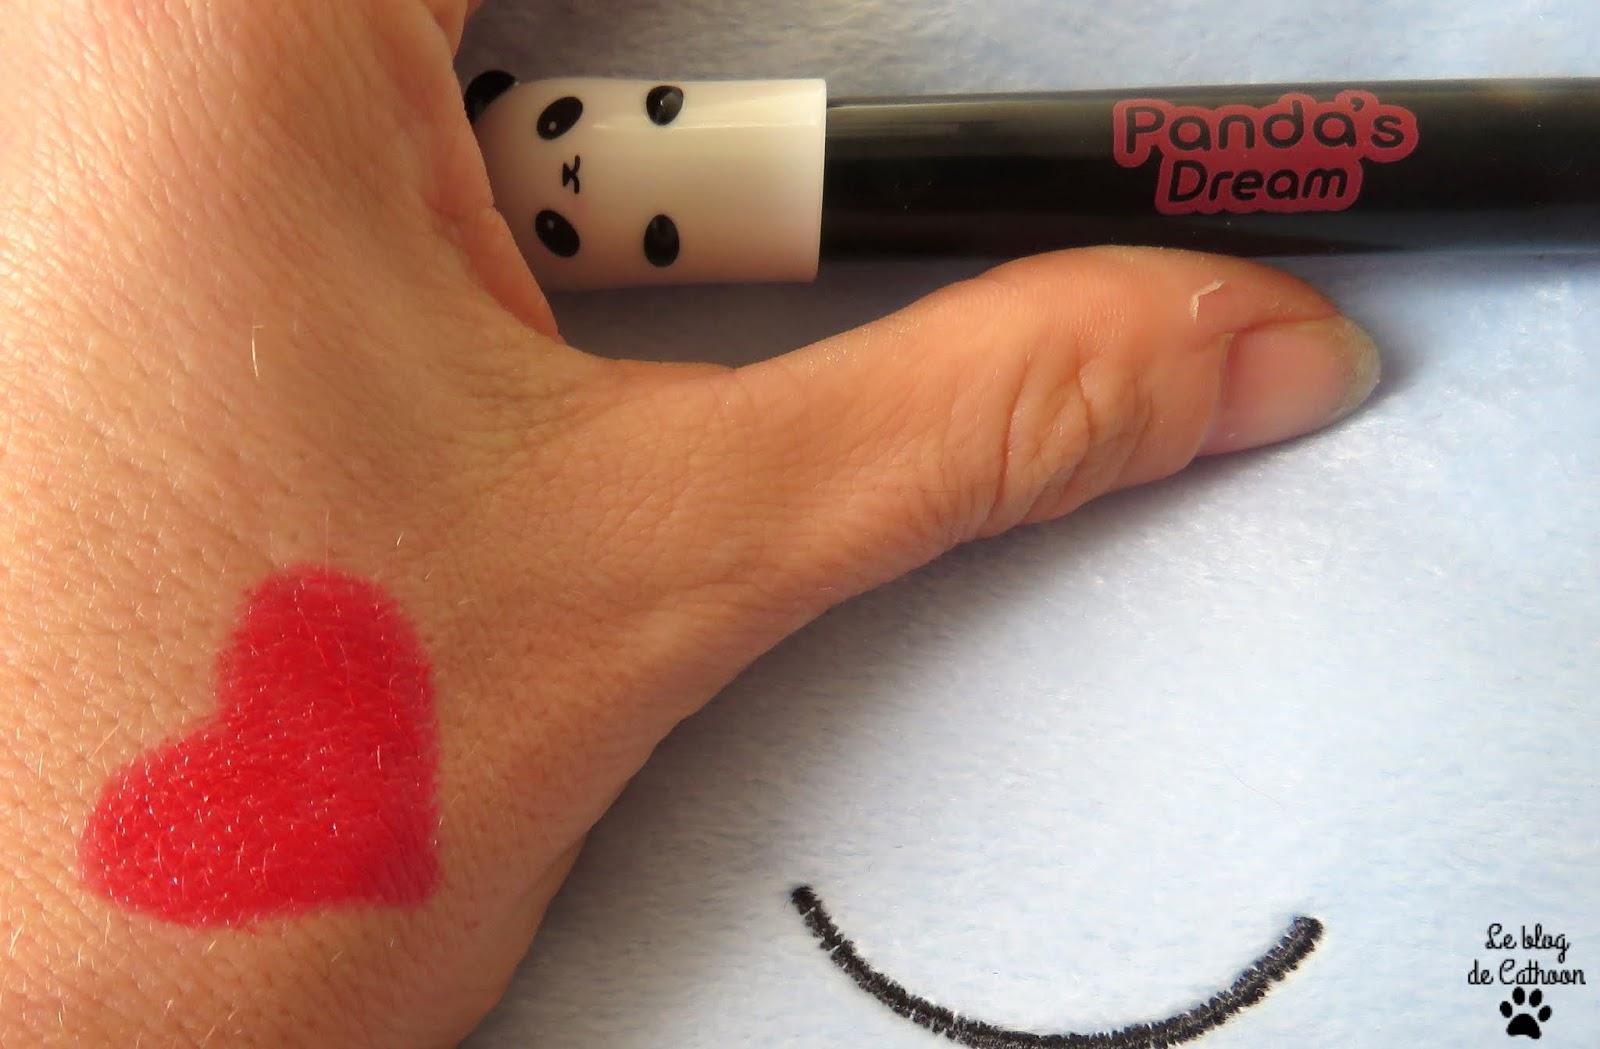 Panda's Dream - Glossy Lip Crayon - Red Berry - Tony Moly